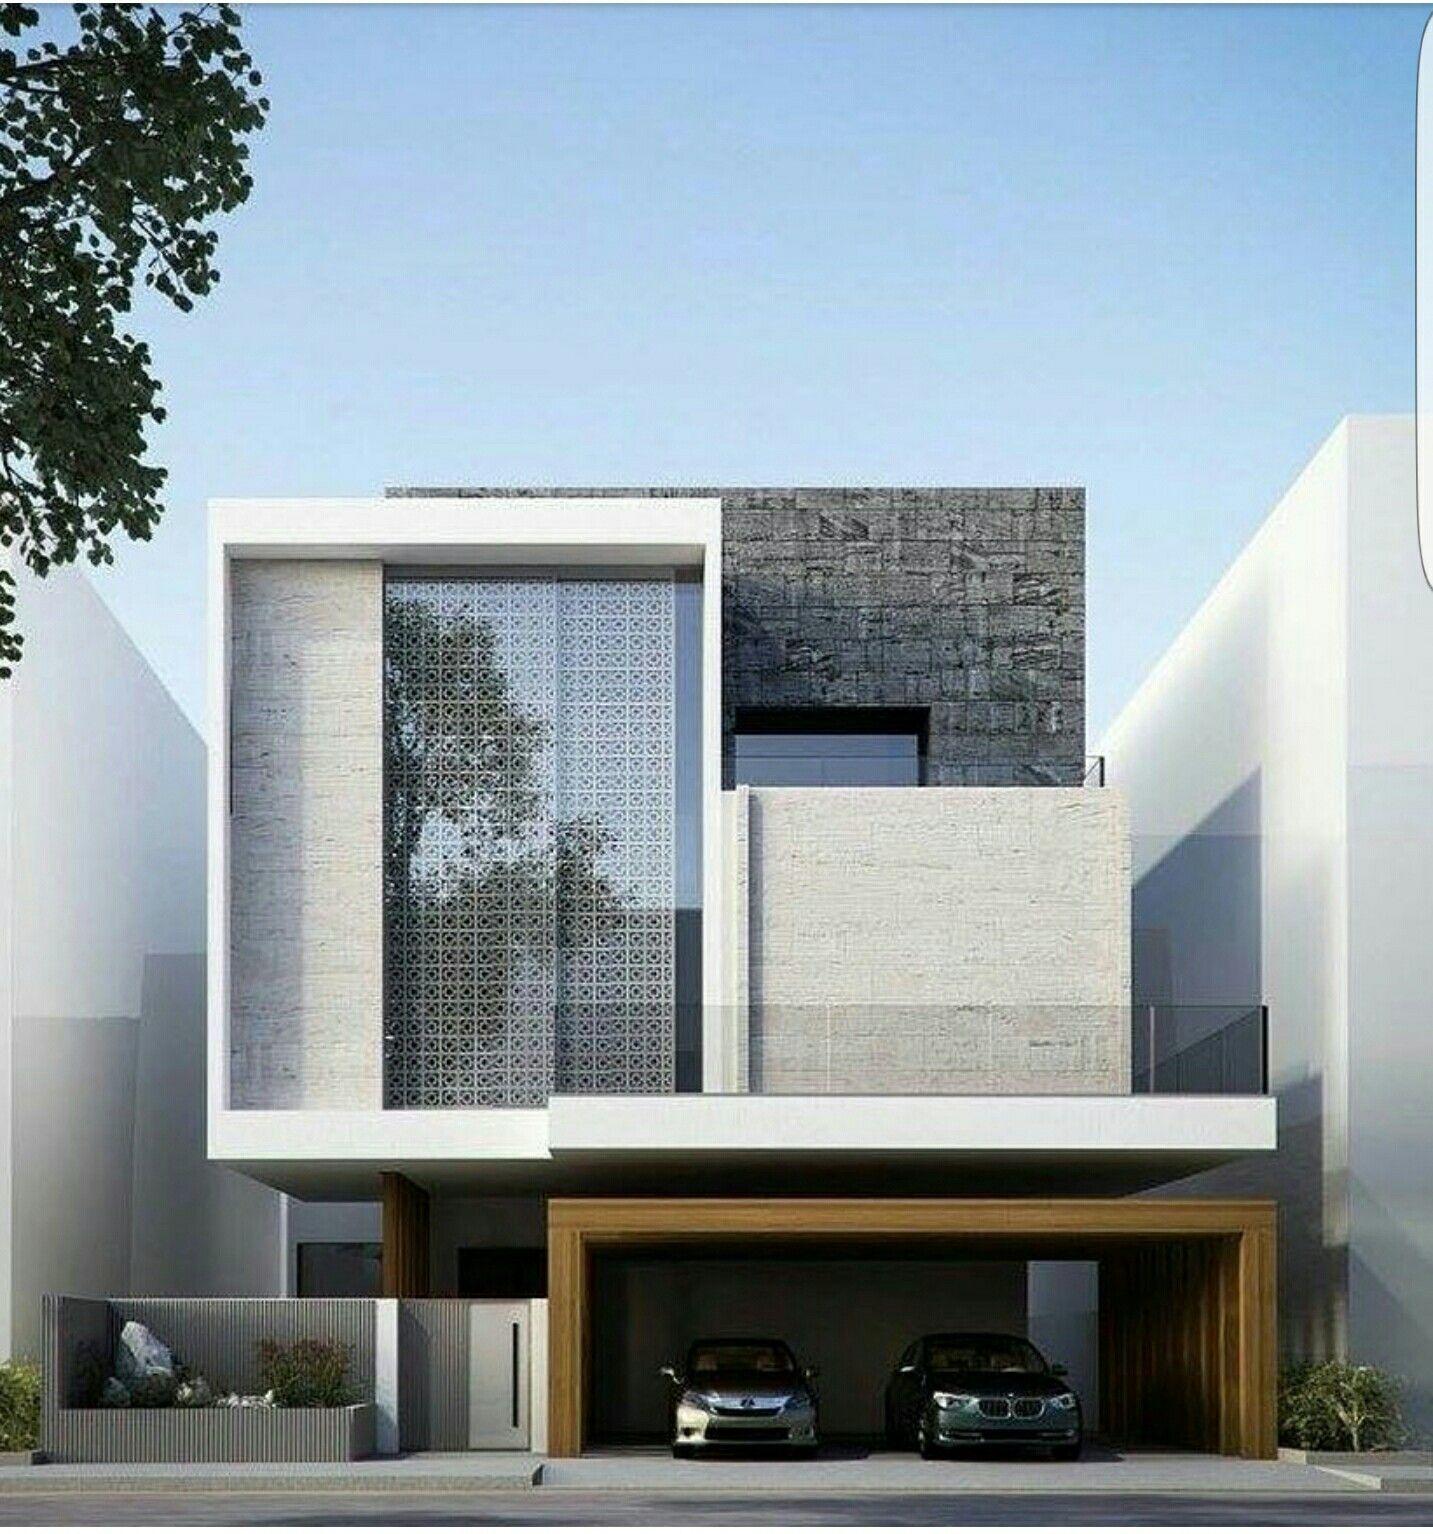 Moderne Häuser, Haus, Millionärhäuser, Architekturdesign, Minimalistische  Architektur, Kleine Häuser, The Originals, Hauspläne, Wohnstile